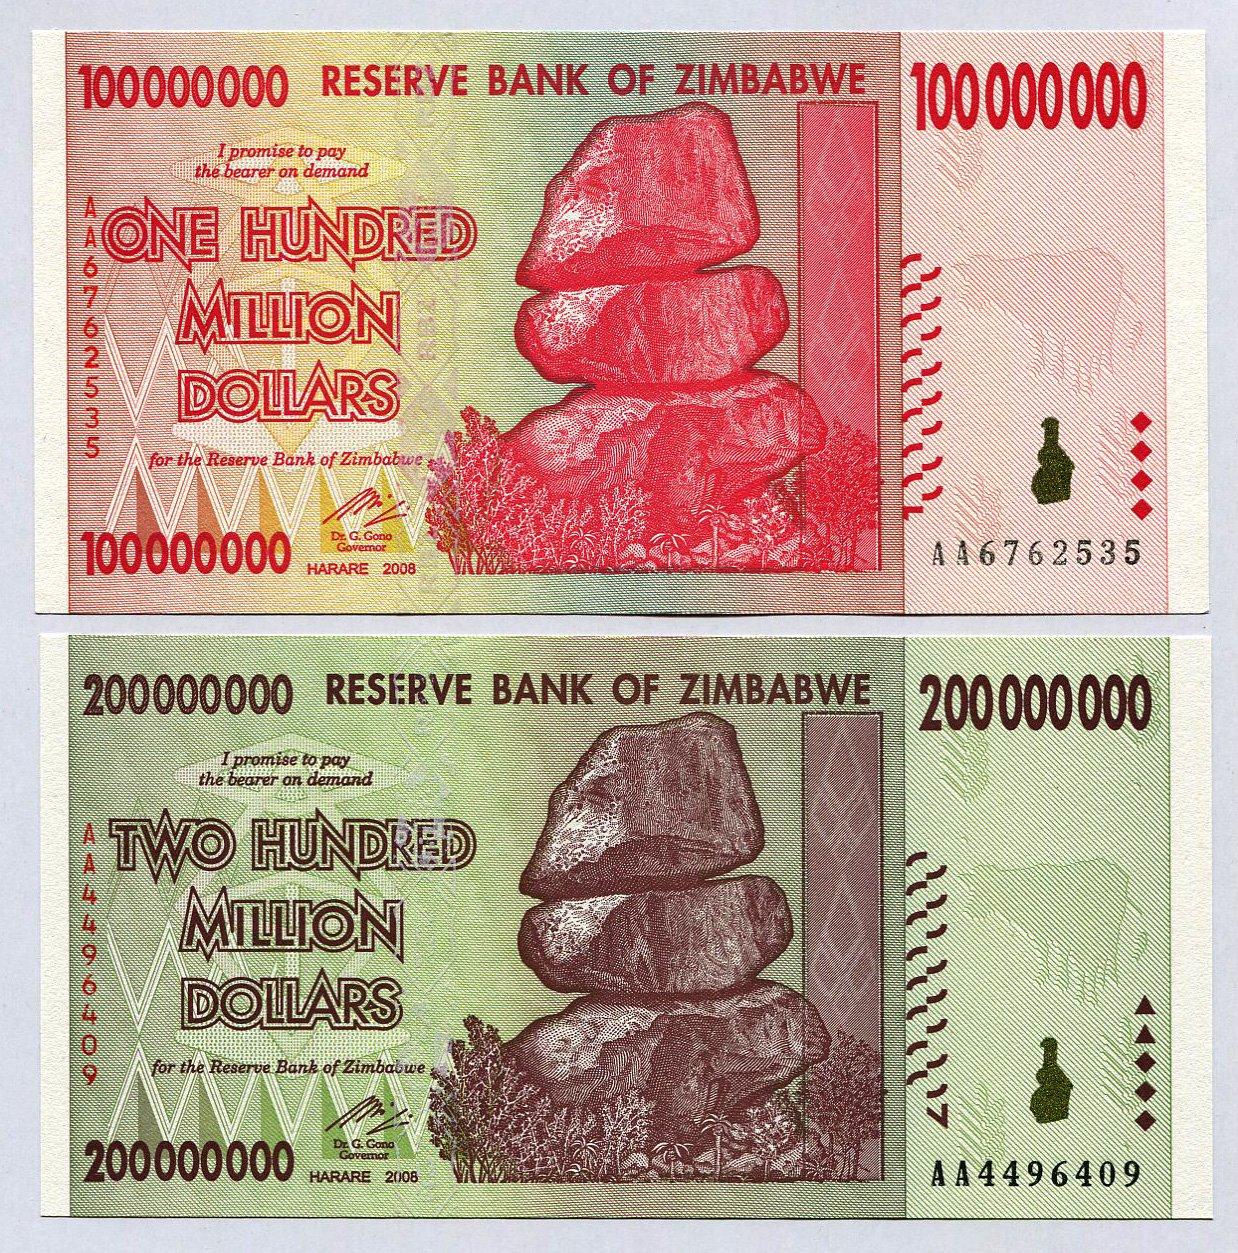 Zimbabwe 100, 200millones de dólar moneda, 2008billetes facturas mundo inflación Record RBZ